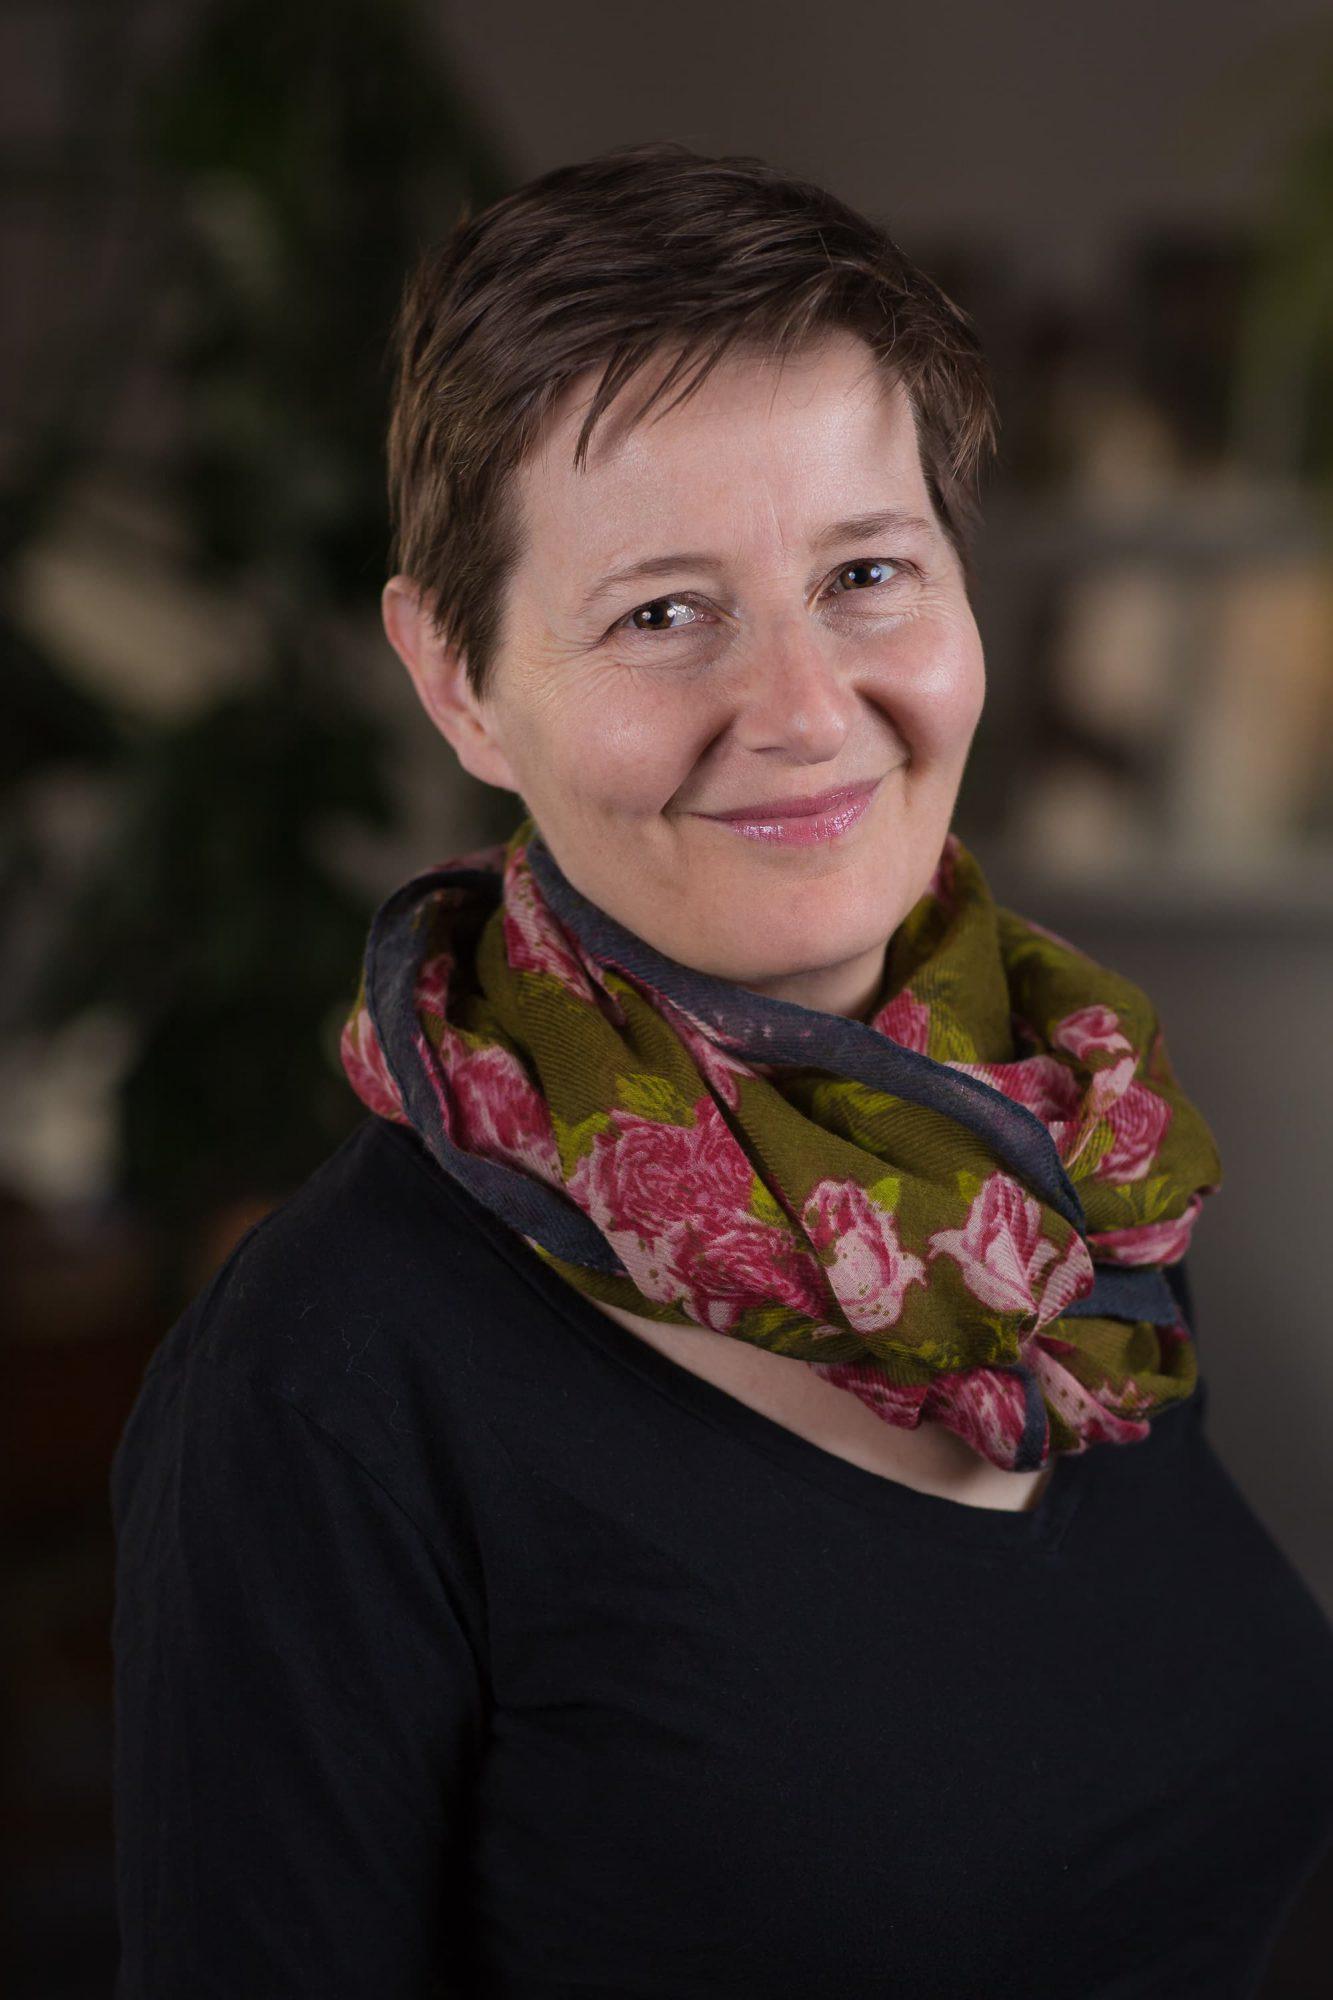 Regentaucher Portraitfotografie | Anne M. Klint